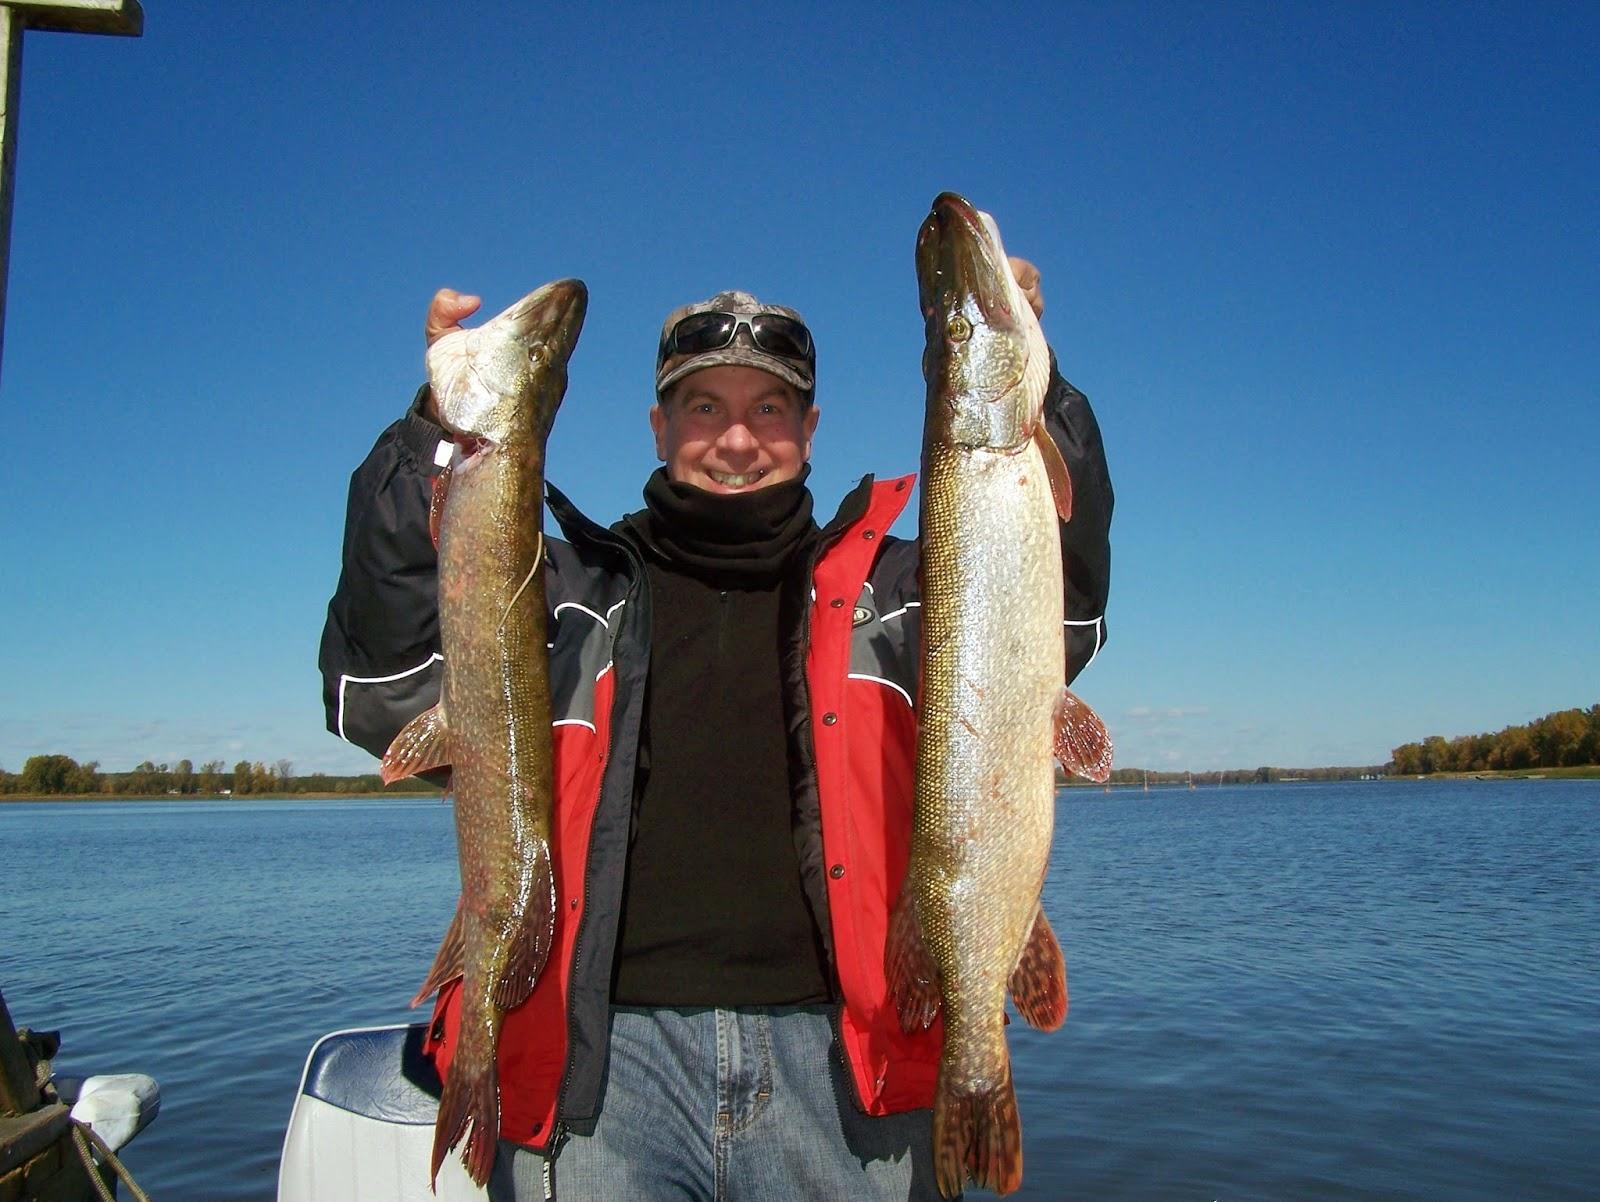 Pêche Lac Saint-Pierre, pêche Rivière Des-Milles-îles, Pêche lac Menmphrémagog